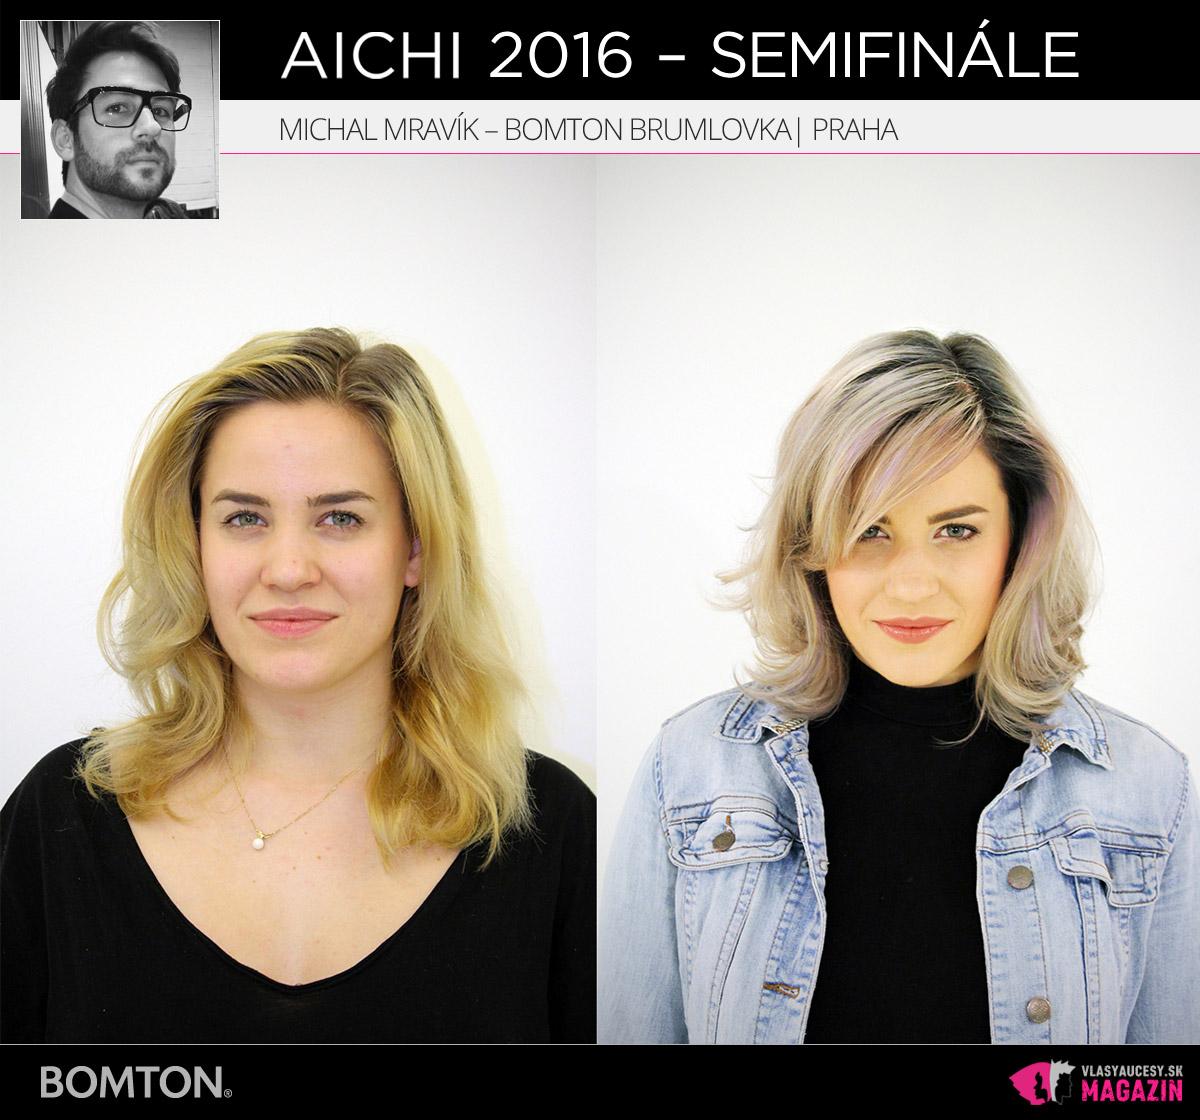 Michal Mravík – Bomton Brumlovka, Praha | Premeny AICHI 2016 – postupujúci do semifinálového kola